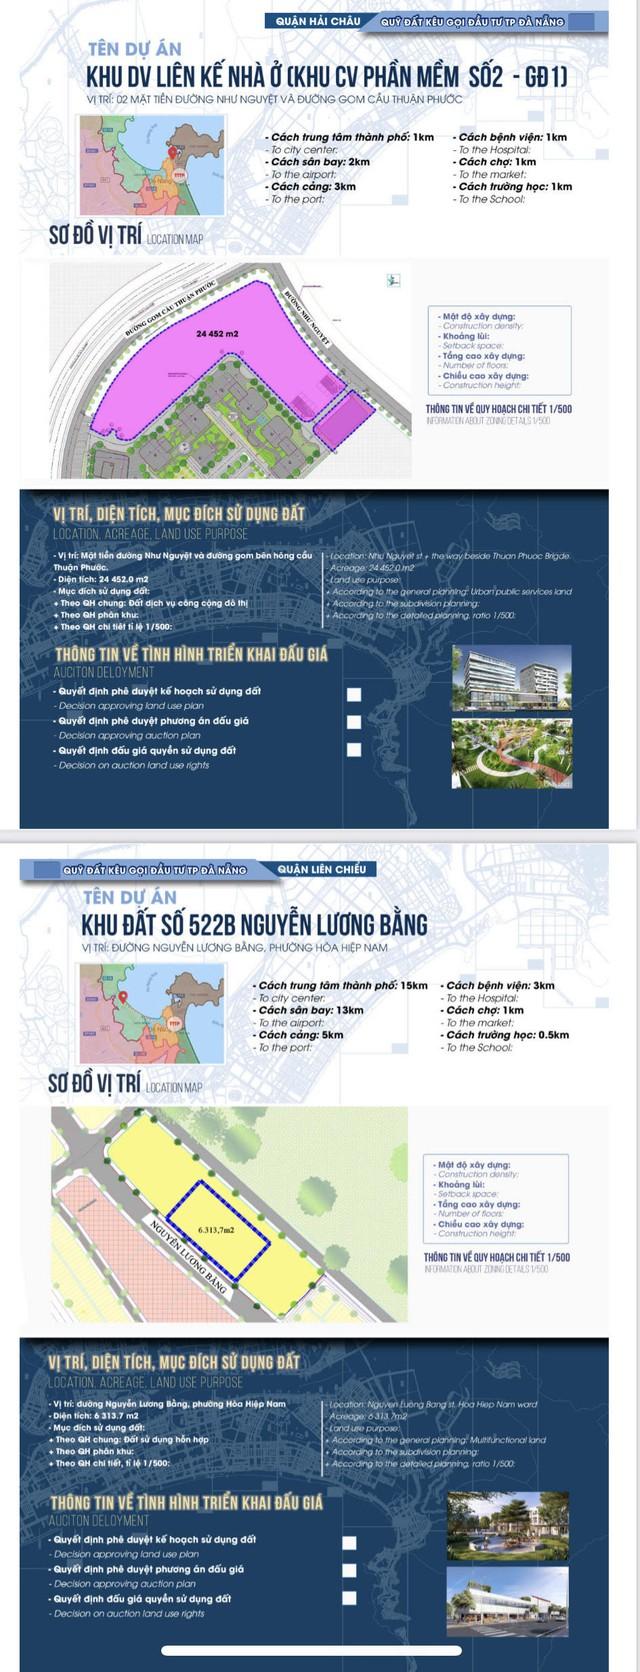 Sau sốt đất, Đà Nẵng bất ngờ công bố chi tiết 22 khu đất sạch kêu gọi đầu tư - Ảnh 3.